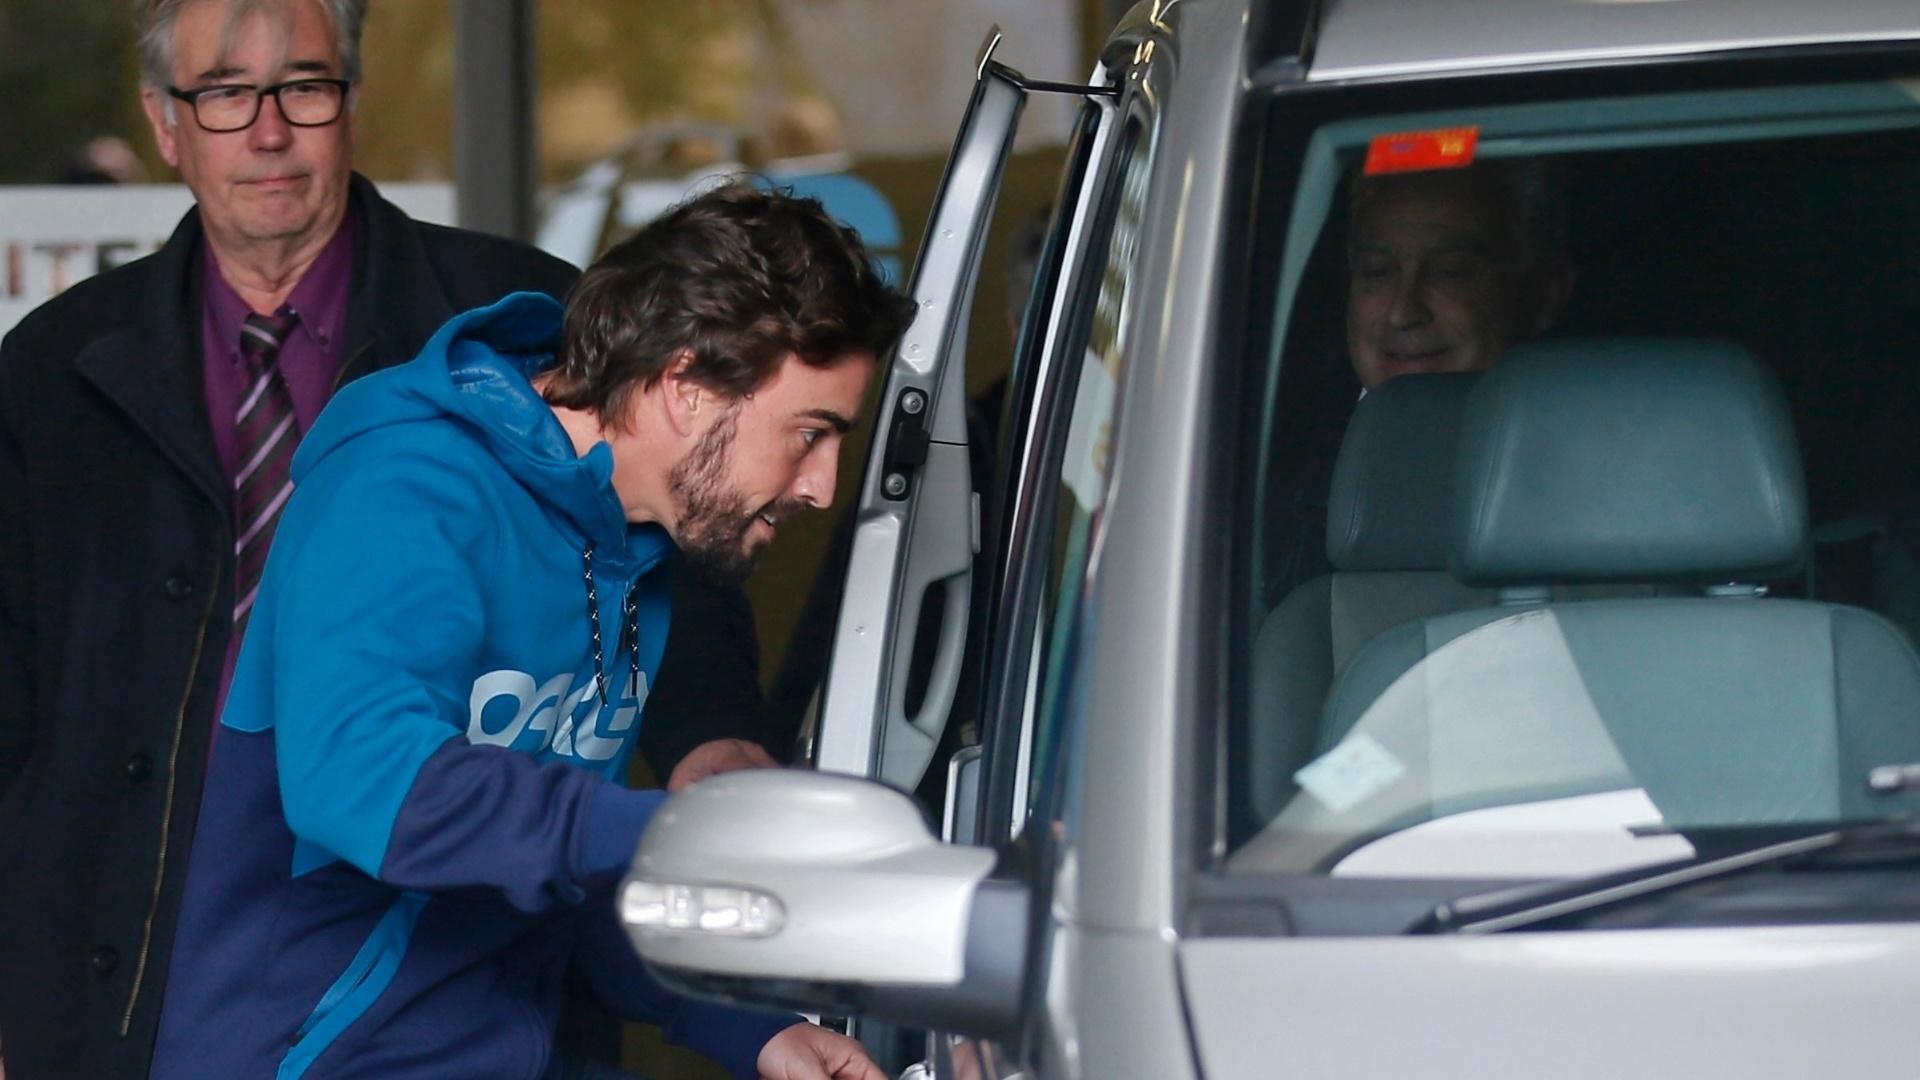 25.fez.2015 - O piloto espanhol Fernando Alonso recebeu alta nesta quarta-feira e deixou o hospital de Barcelona onde estava internado desde o último, quando sofreu um grave acidente durante os treinos de pré-temporada da Fórmula 1. Chamou a atenção de internautas nas redes sociais o fato de o bicampeão mundial, que é piloto da McLaren-Honda, ter deixado o hospital em um carro de passeio da Mercedes, que também tem uma escuderia